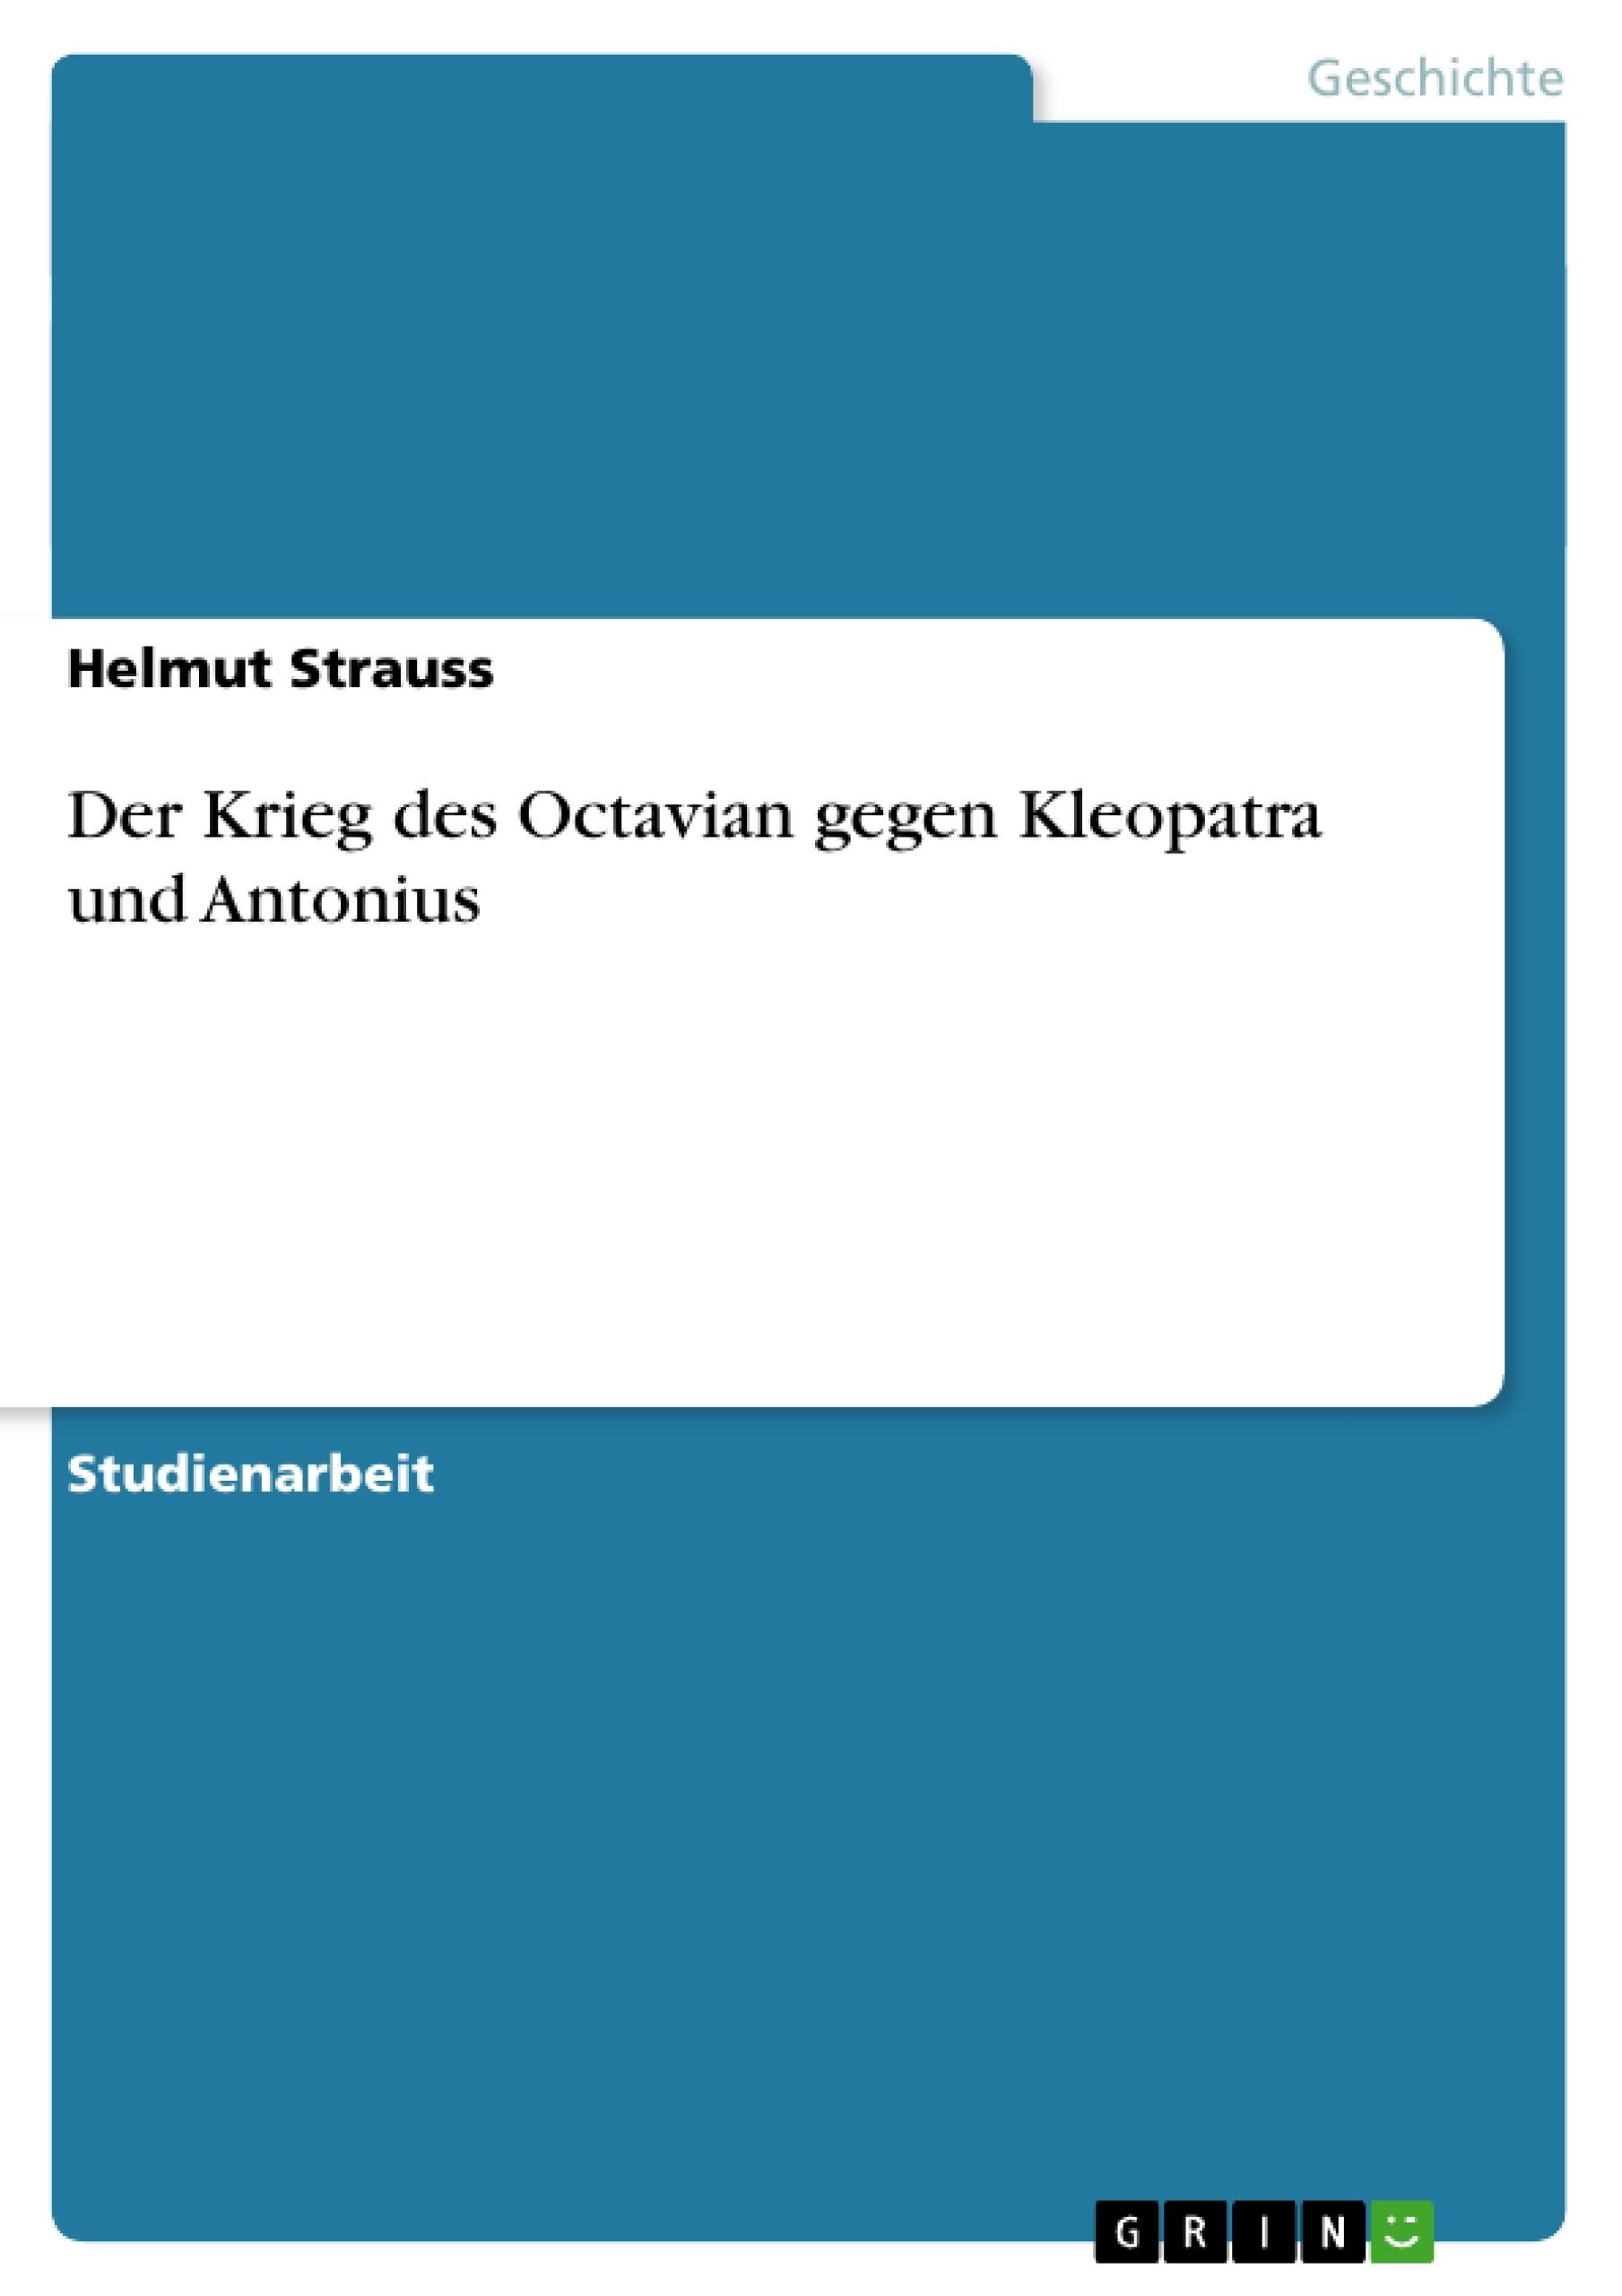 Titel: Der Krieg des Octavian gegen Kleopatra und Antonius